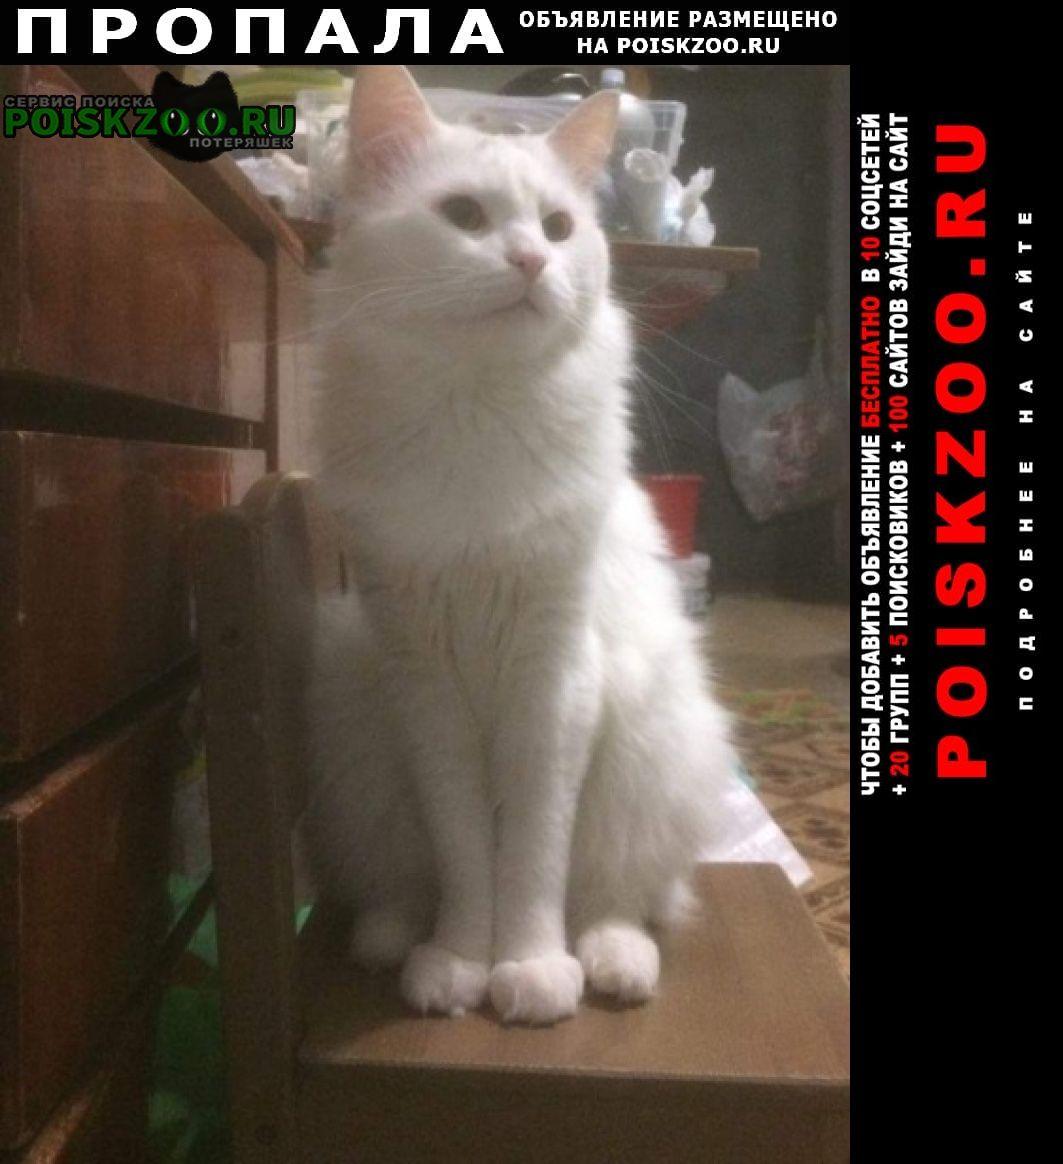 Пропала кошка в ноябре крупный кот Москва